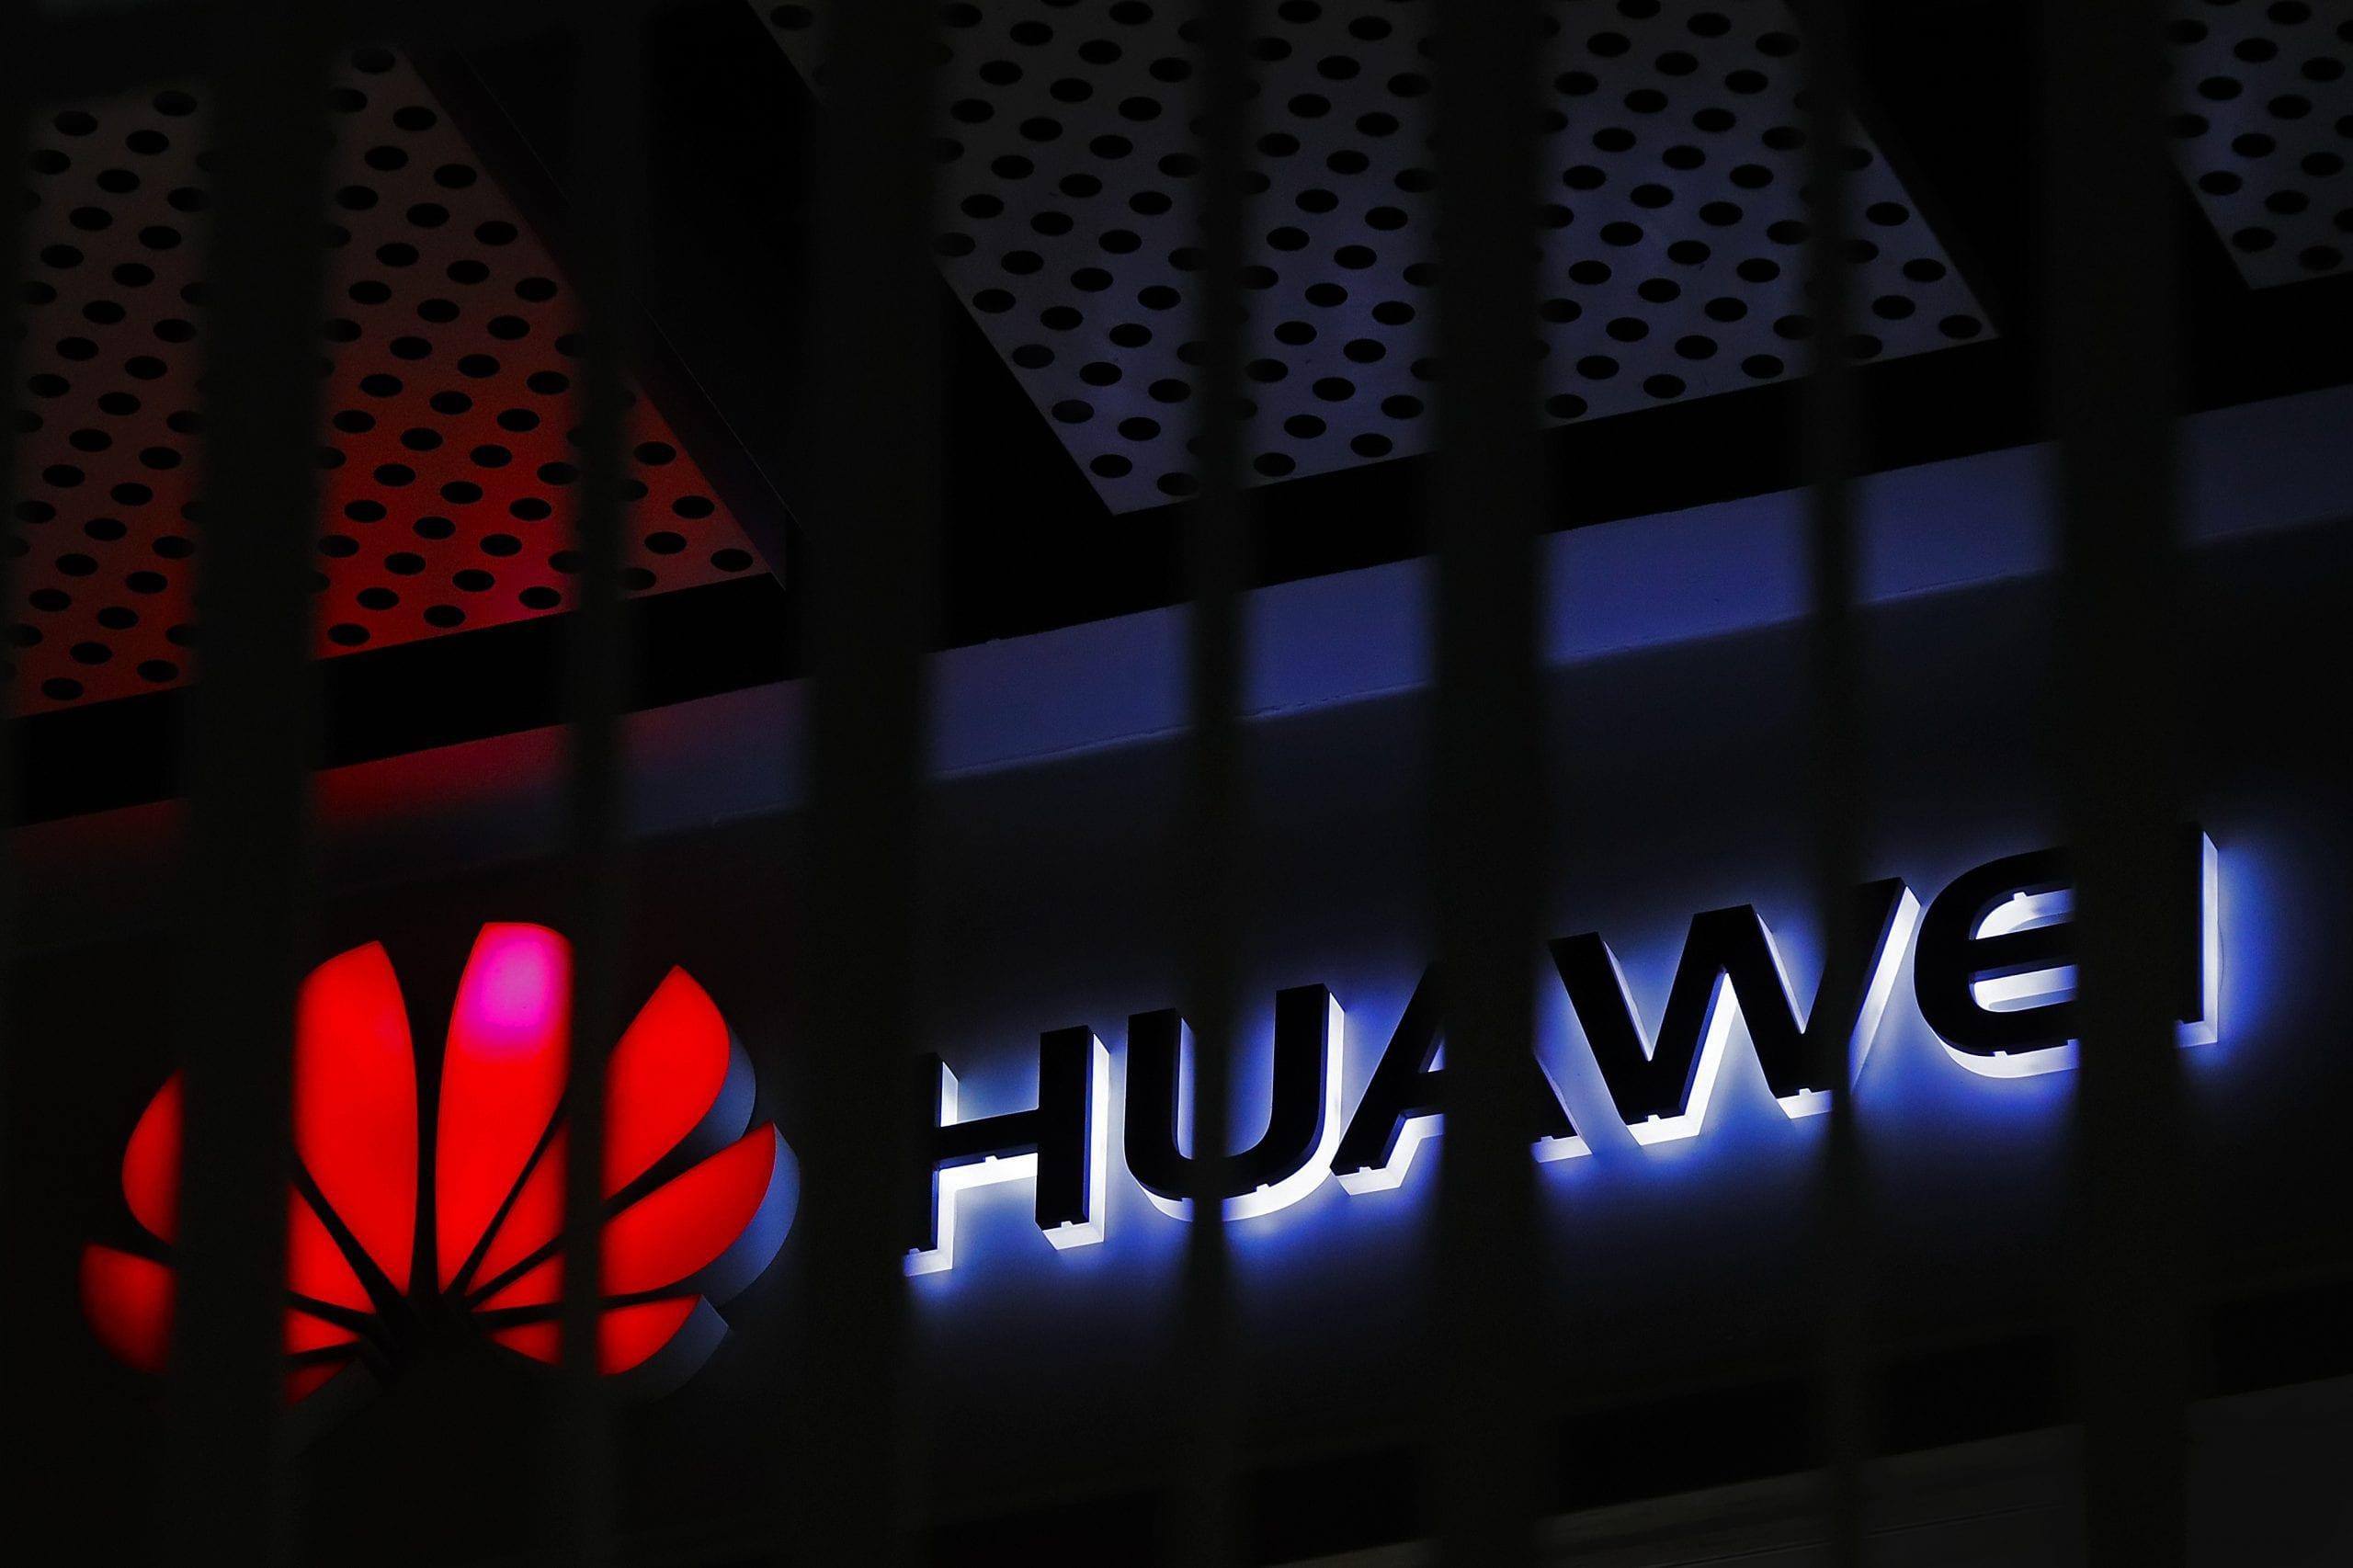 قيود جديدة من الولايات المتحدة تقطع شركة هواوي عن موردي الرقاقات